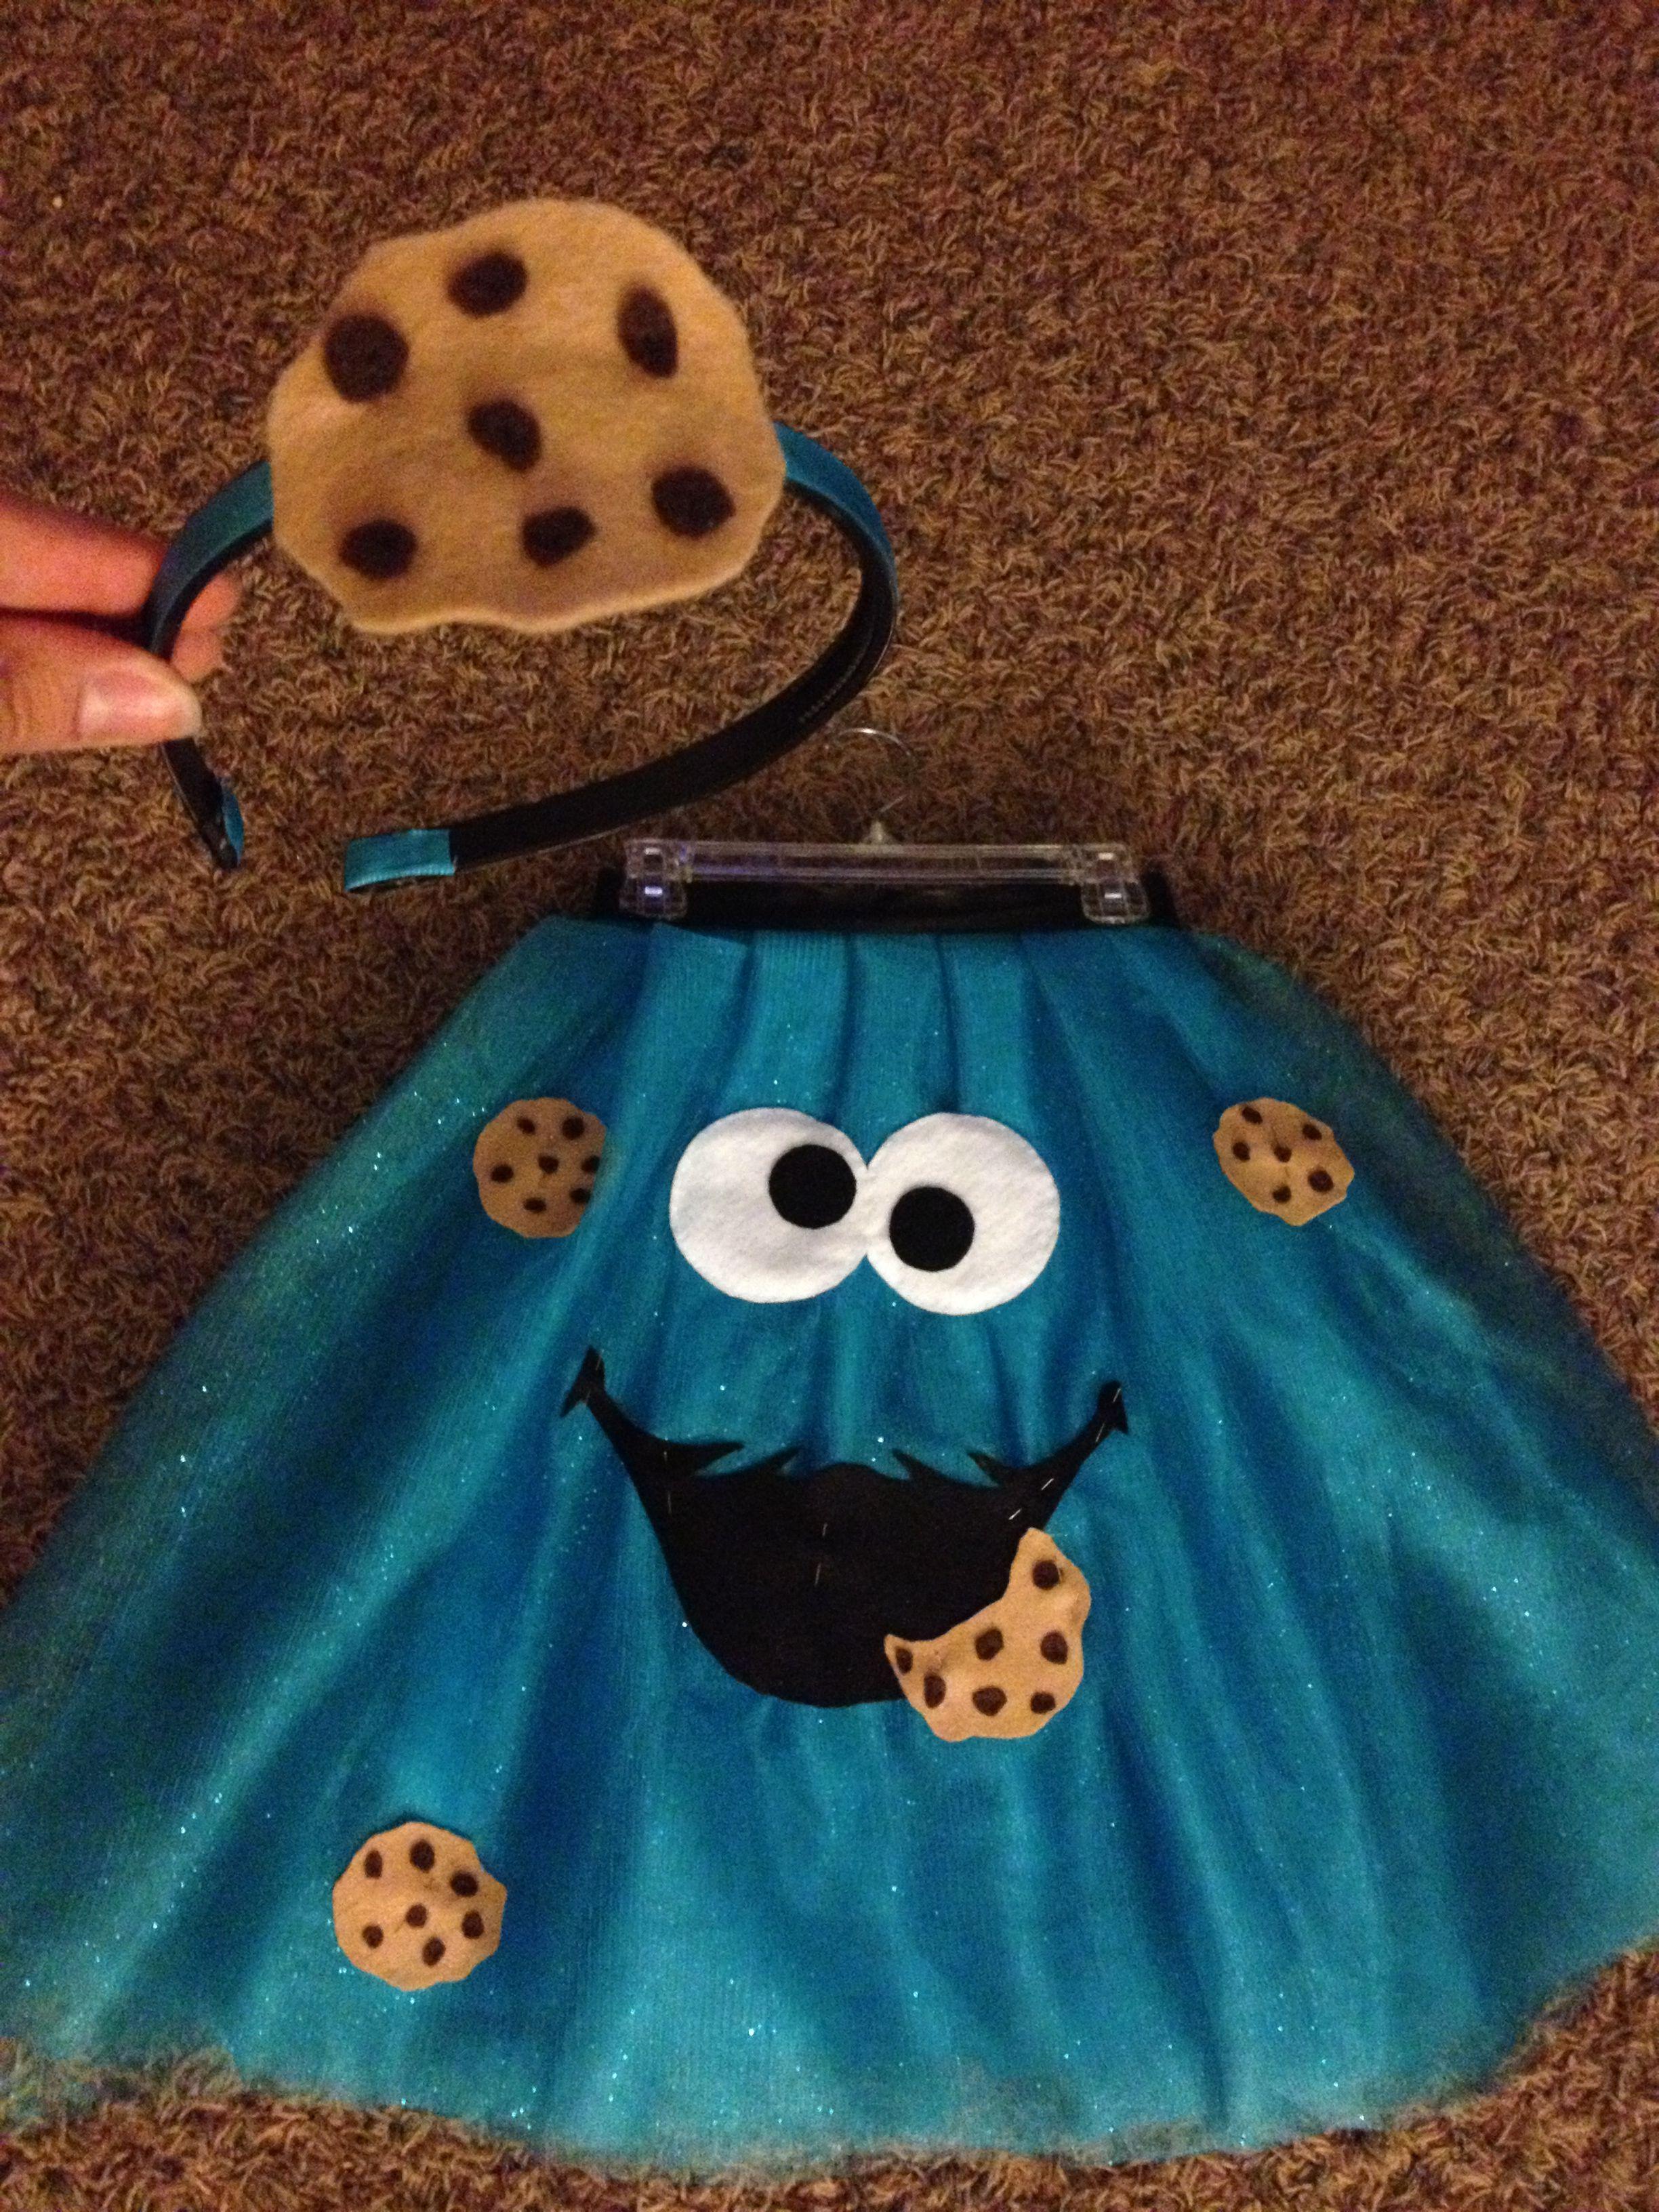 Monster Halloween Cookies: Jasmine's 2012 Homemade Cookie Monster Costume With Cookie